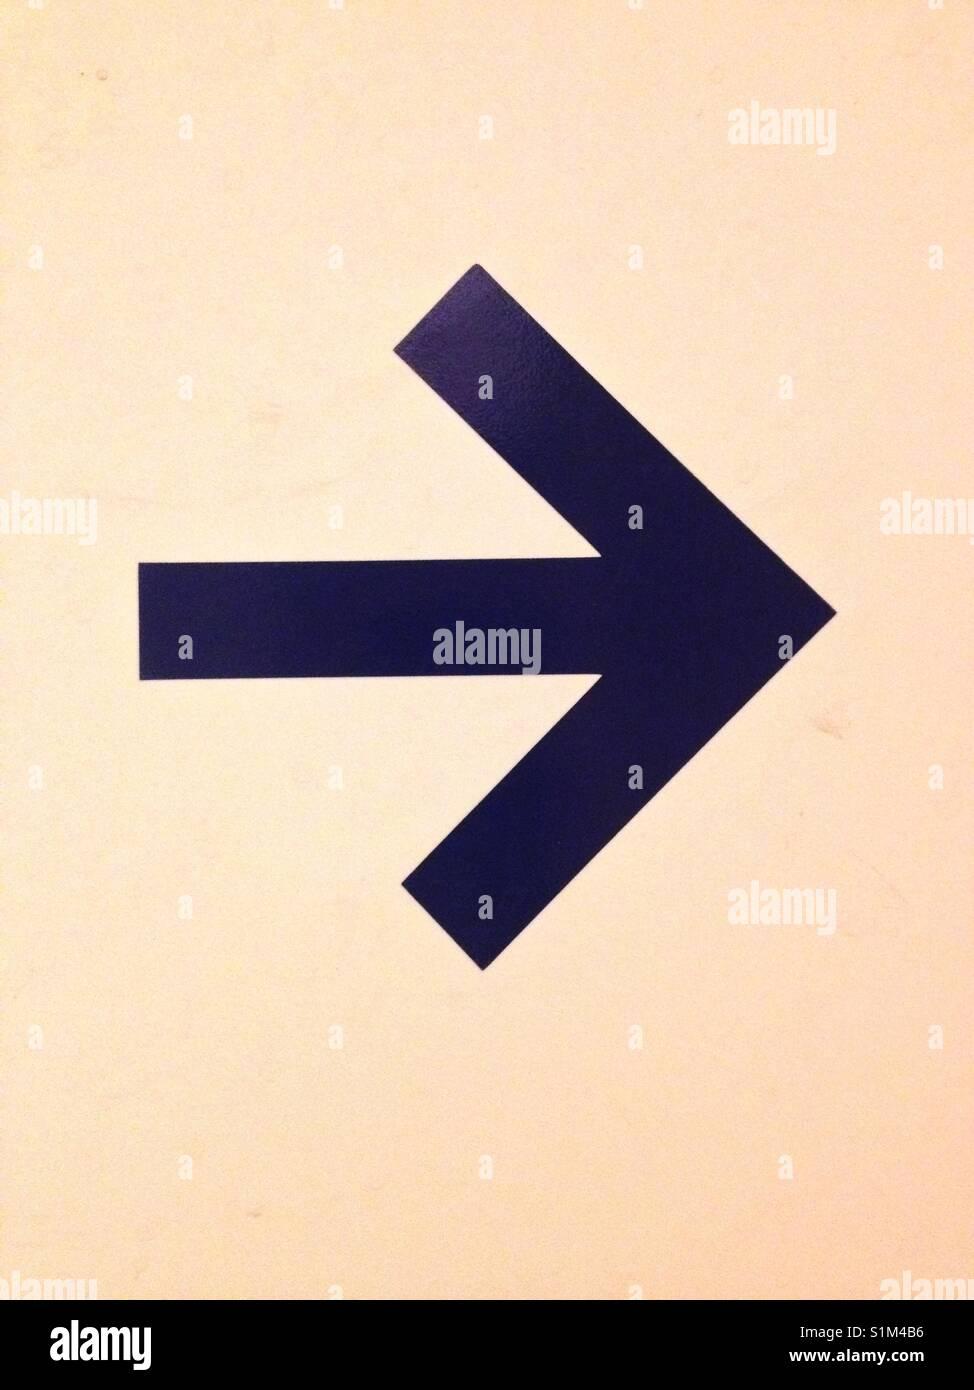 Azul marino con la flecha apuntando hacia la derecha, crema de fondo (orientación vertical). Tomadas por Matthew Imagen De Stock